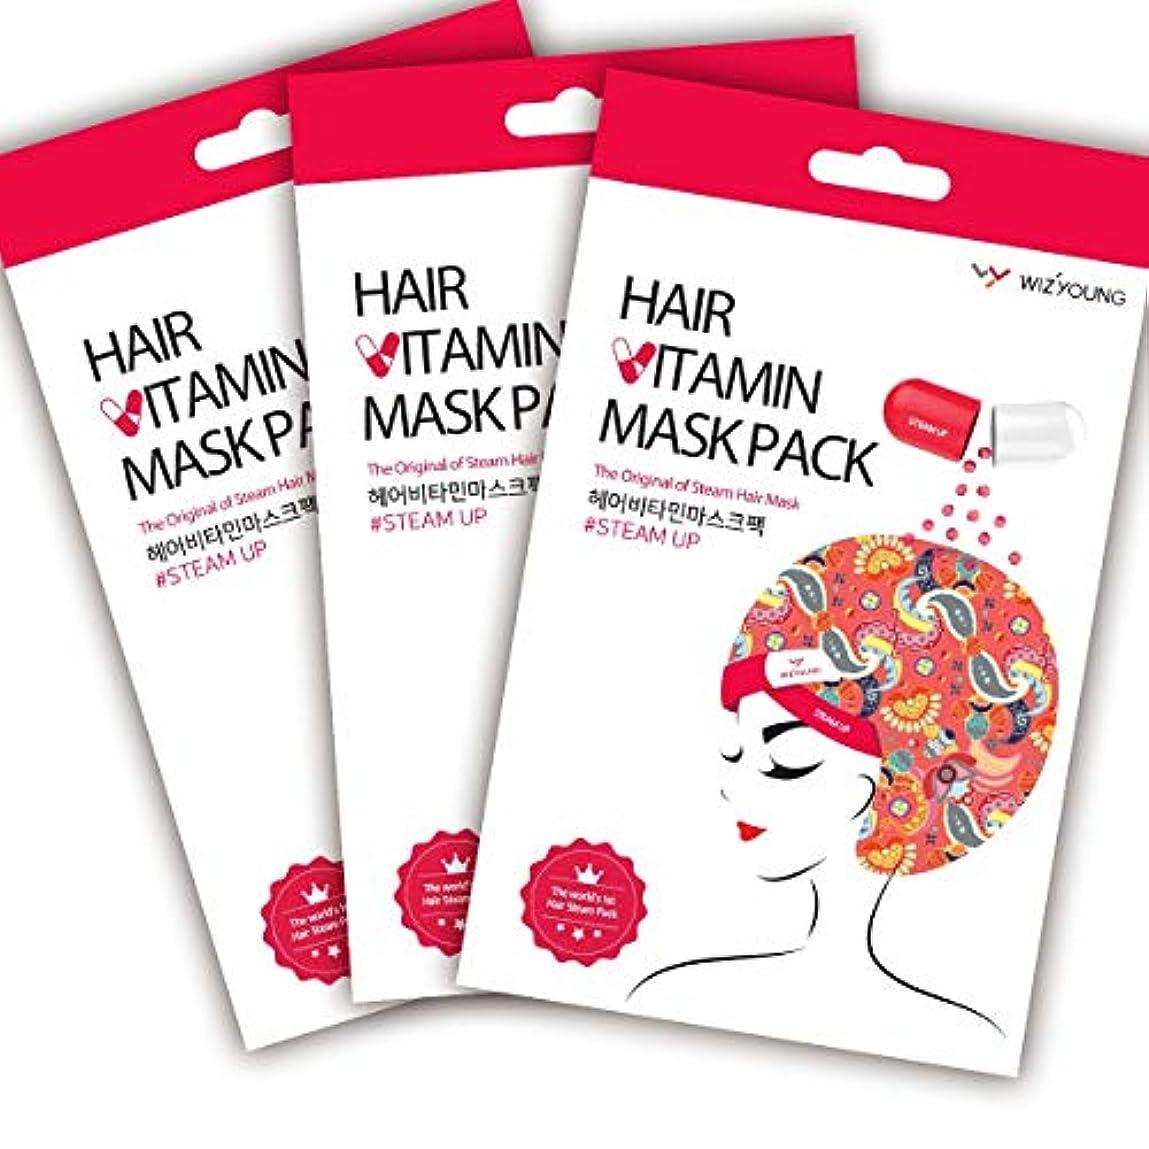 独裁今晩噛むヘアビタミンマスクパック スチームアップ 3パックセット HAIR VITAMIN MASK PACK STEAM UP